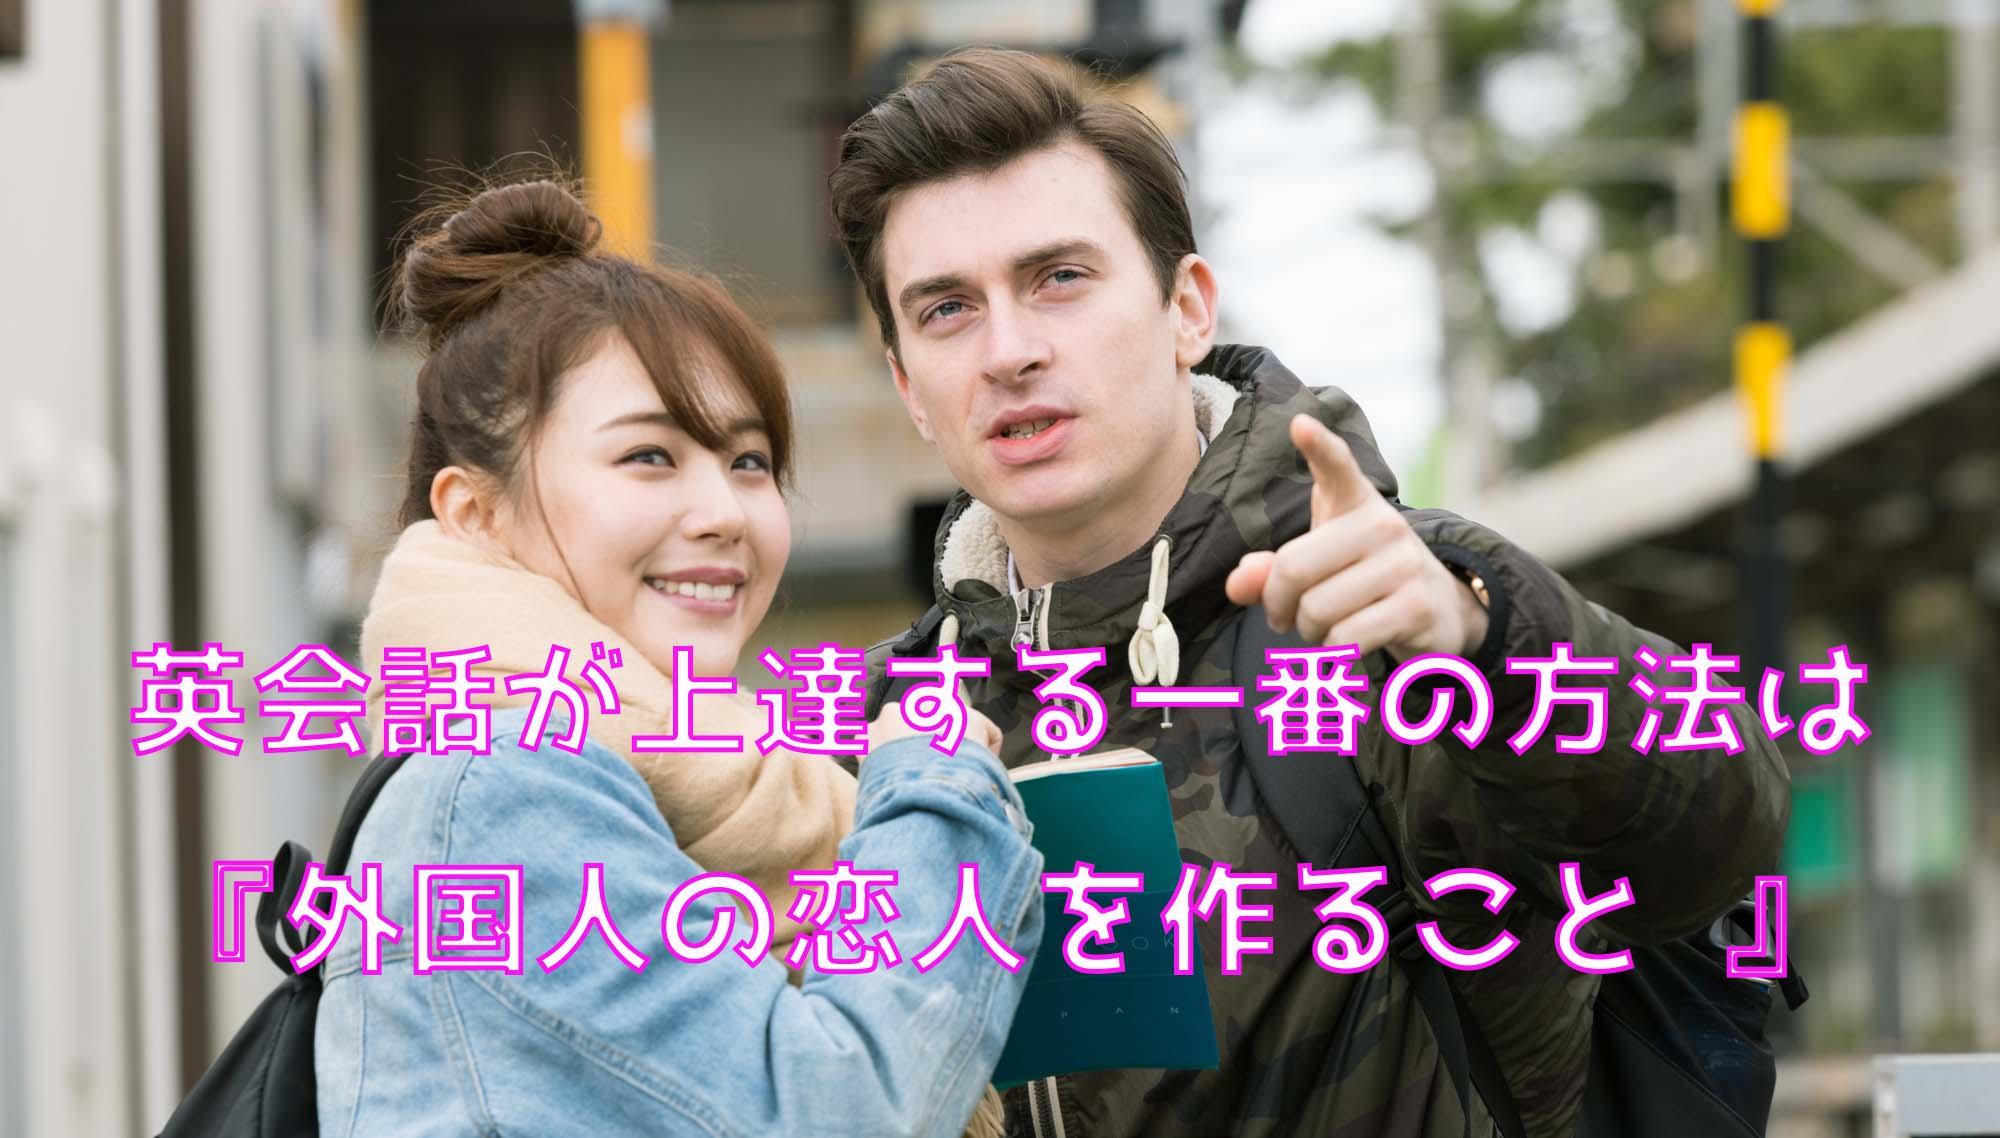 英会話が上達する一番の方法は『外国人の恋人を作ること 』